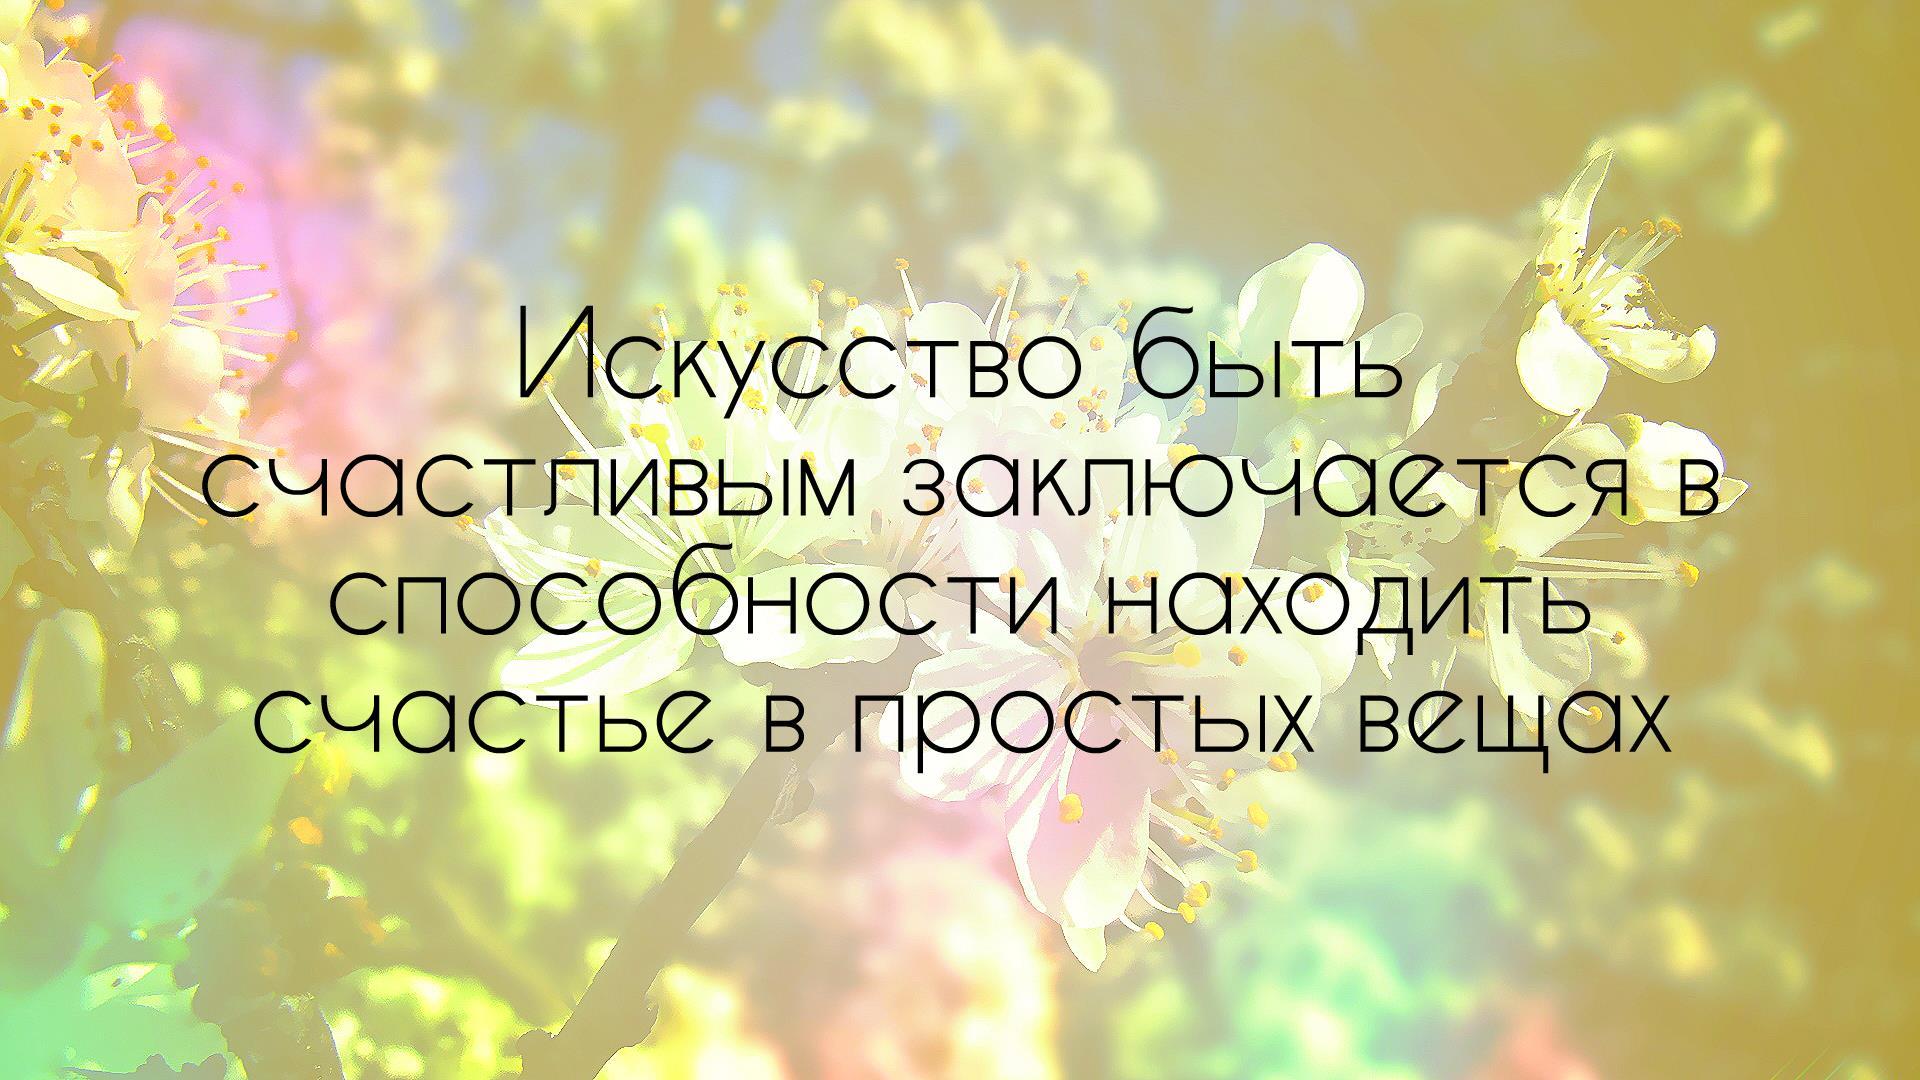 Жизненные цитаты про счастье